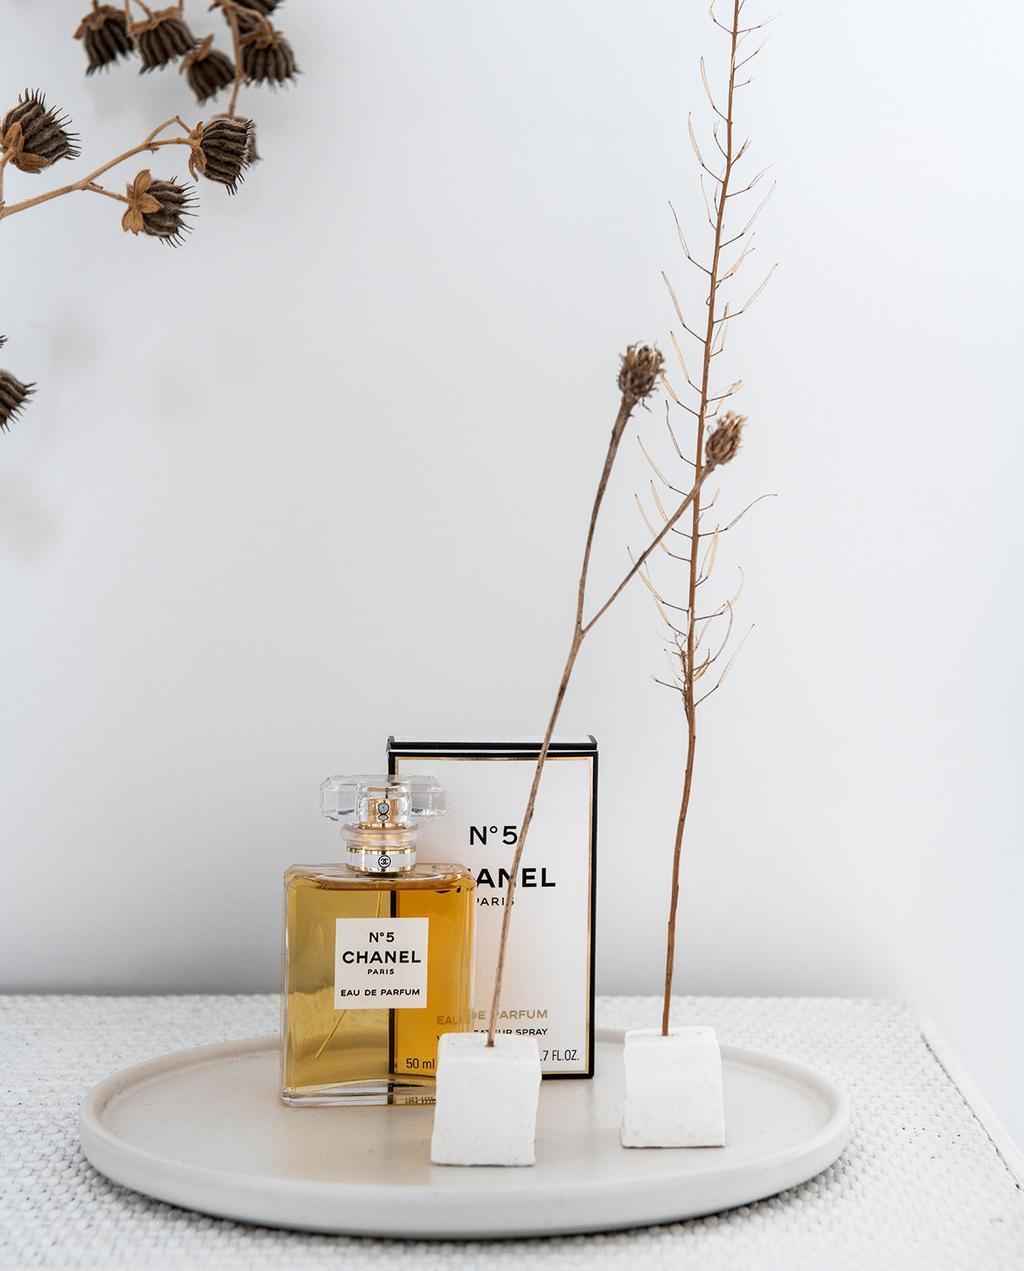 vtwonen 04-2021 | parfum van Chanel op een bord met droogbloemen